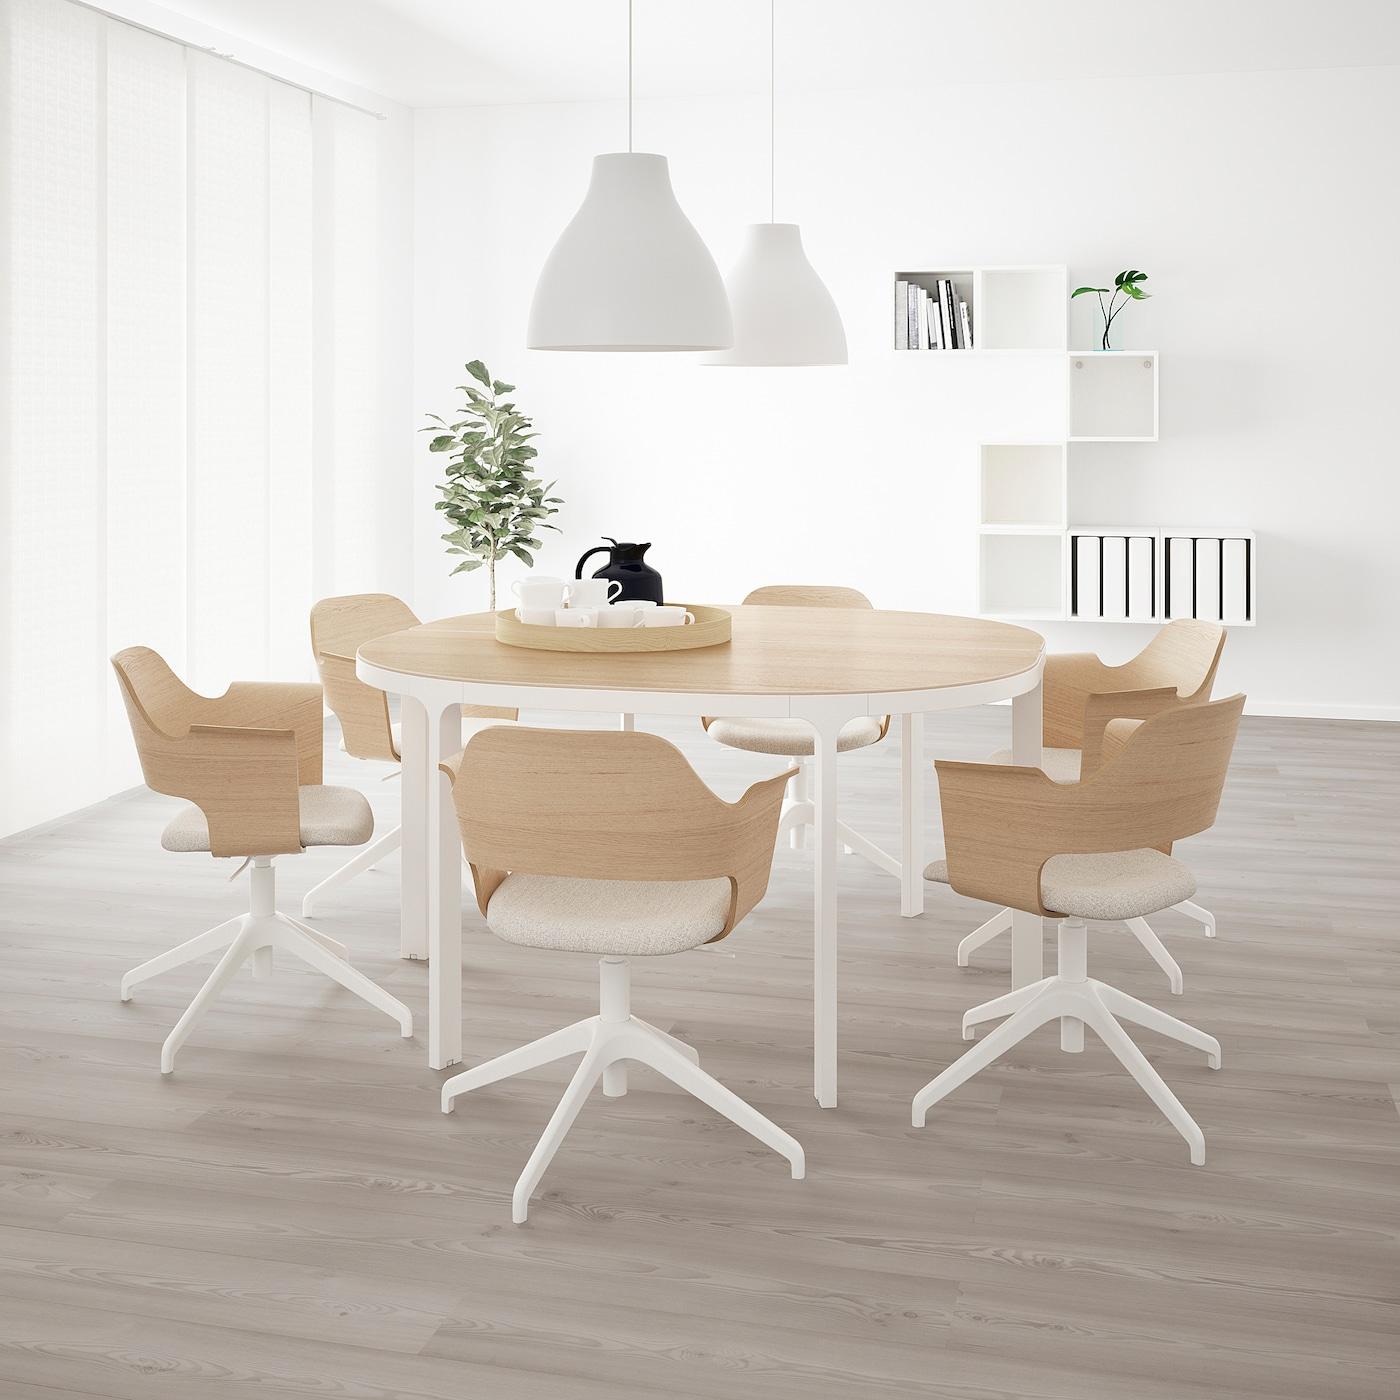 BEKANT Konferenztisch, Eichenfurnier weiß lasiert/weiß, 140 cm